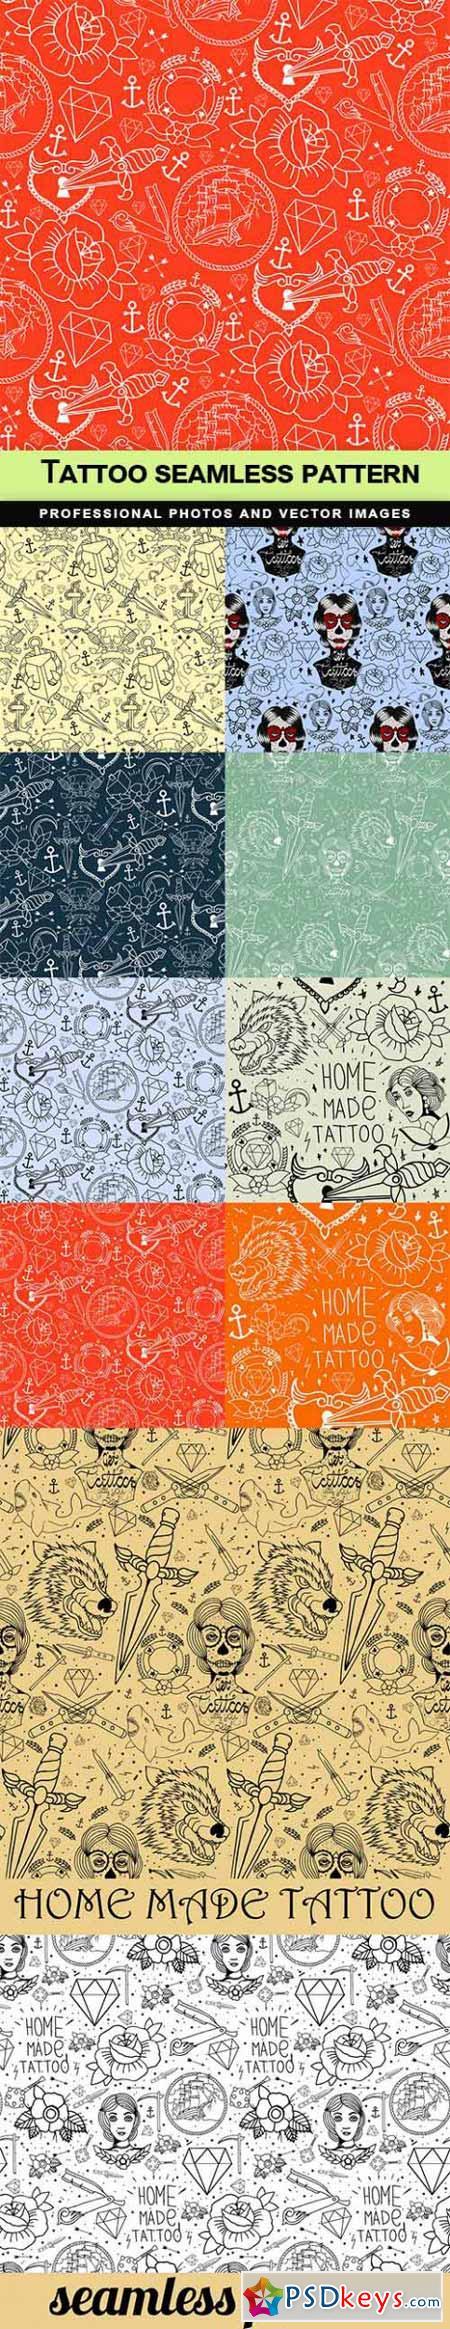 Tattoo seamless pattern - 10 EPS